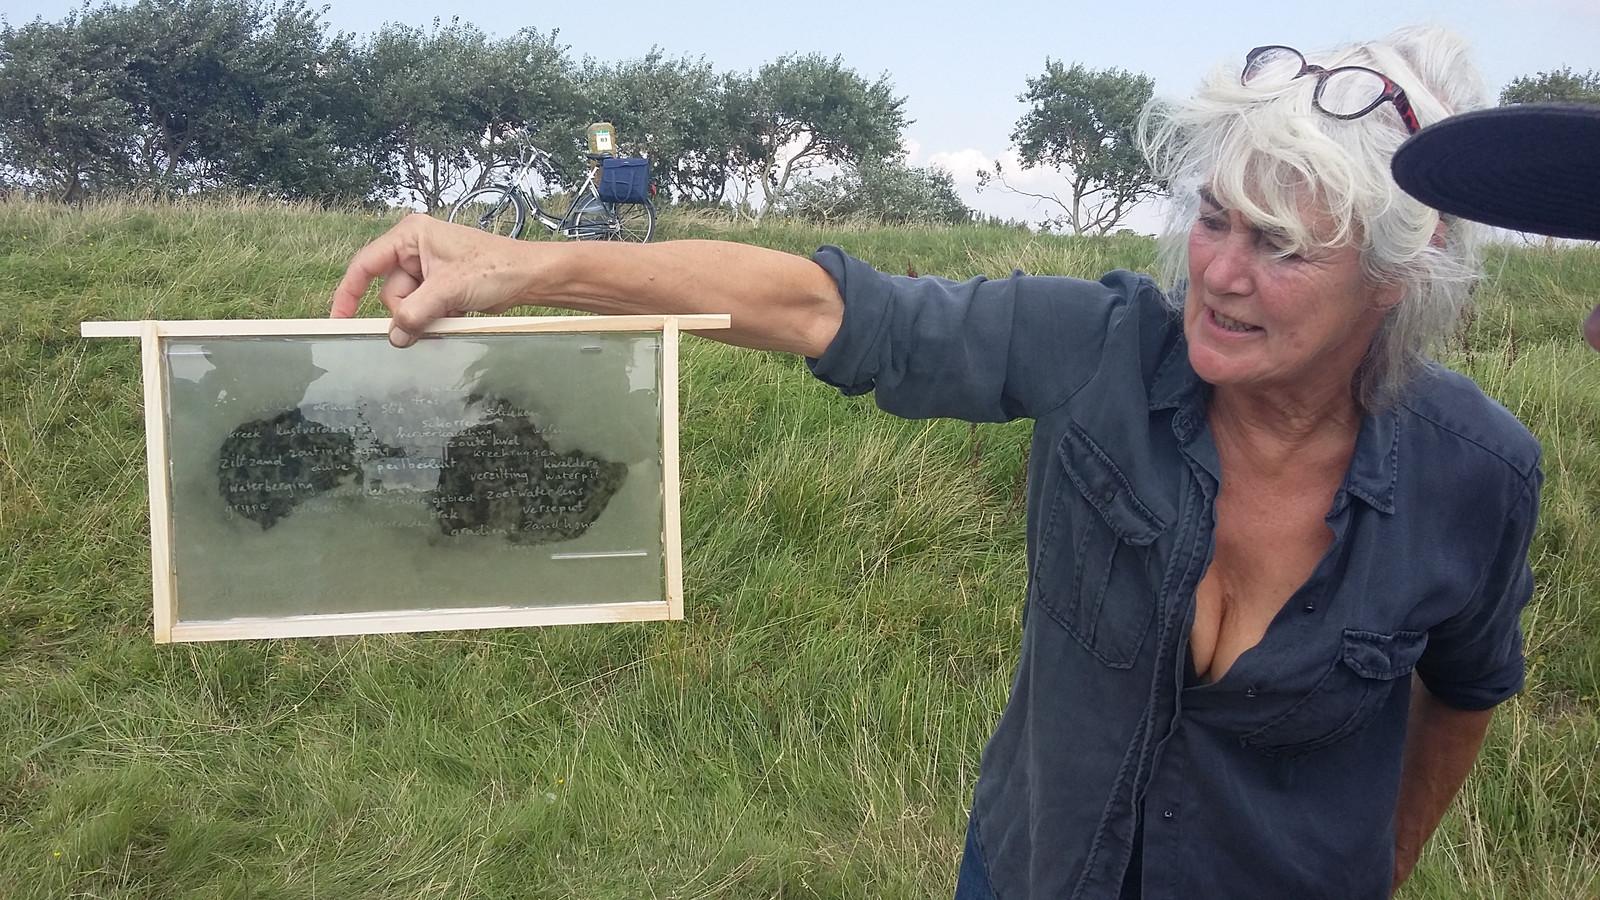 Eén van de bladzijden (of ramen) uit het grote kunstboek dat Marjolijn maakte van een bijenkast. Het zilte eiland uitgedrukt in zoet.